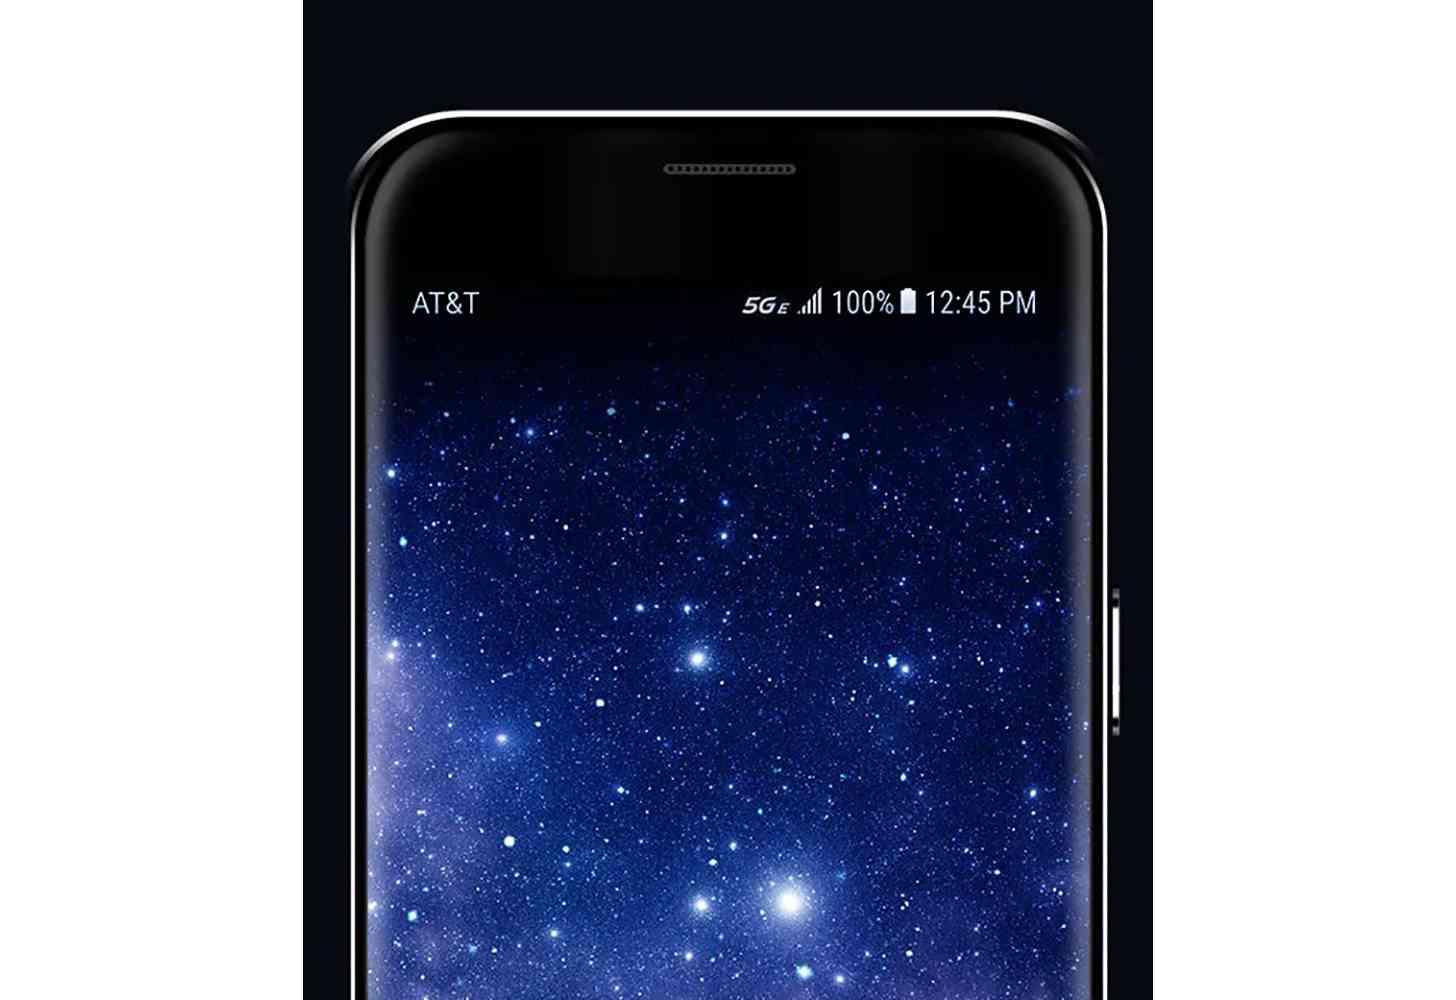 AT&T 5G E indicator